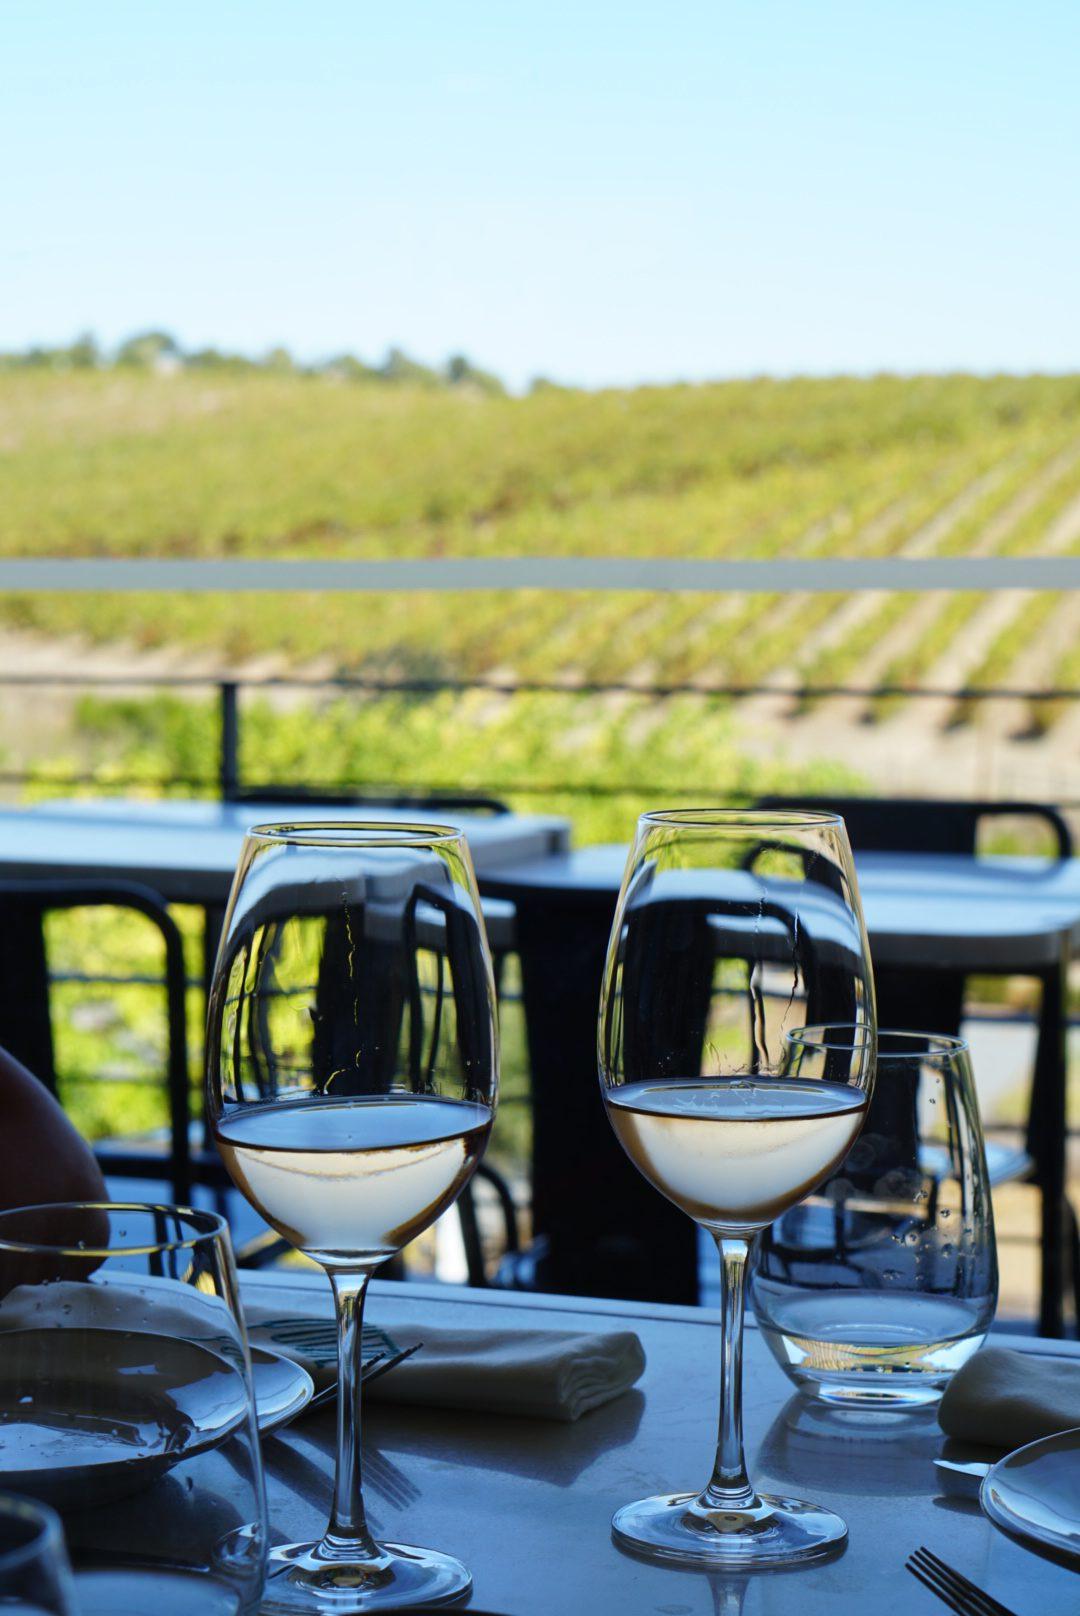 Wijnproeven in Portugal Alentejo - duurzaam reizen - lokale wijnen